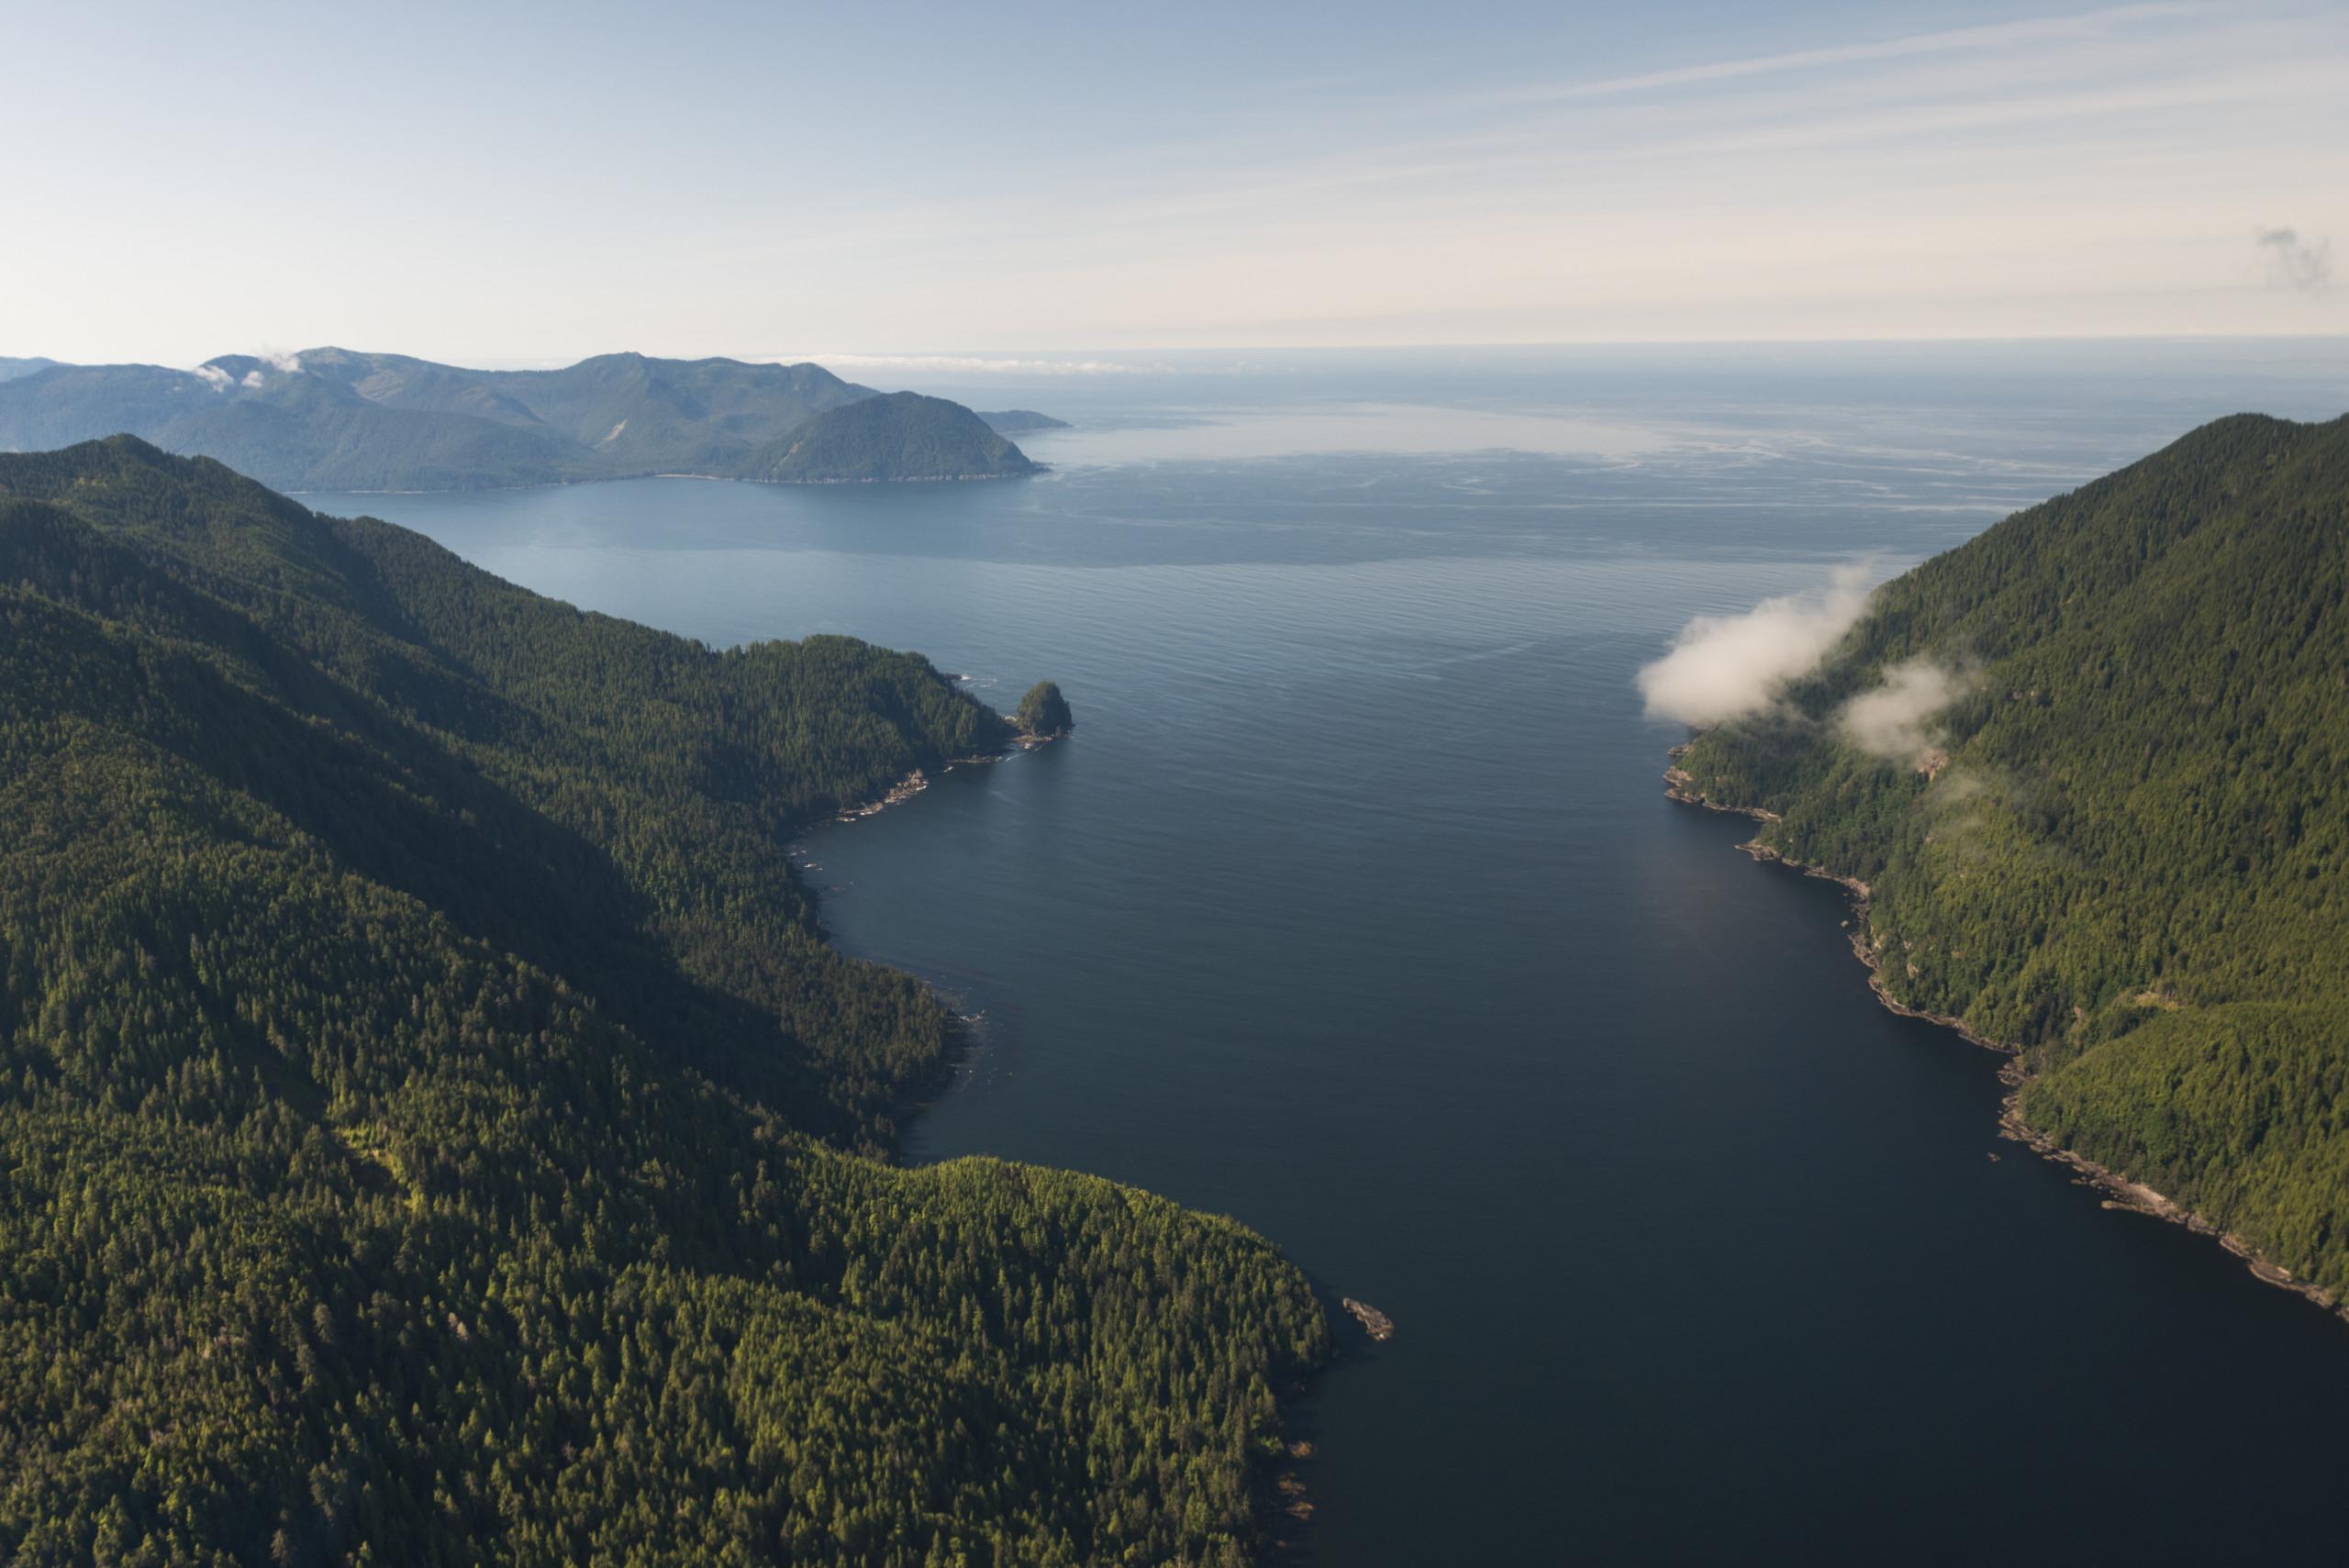 Haida Gwaii diesel spill